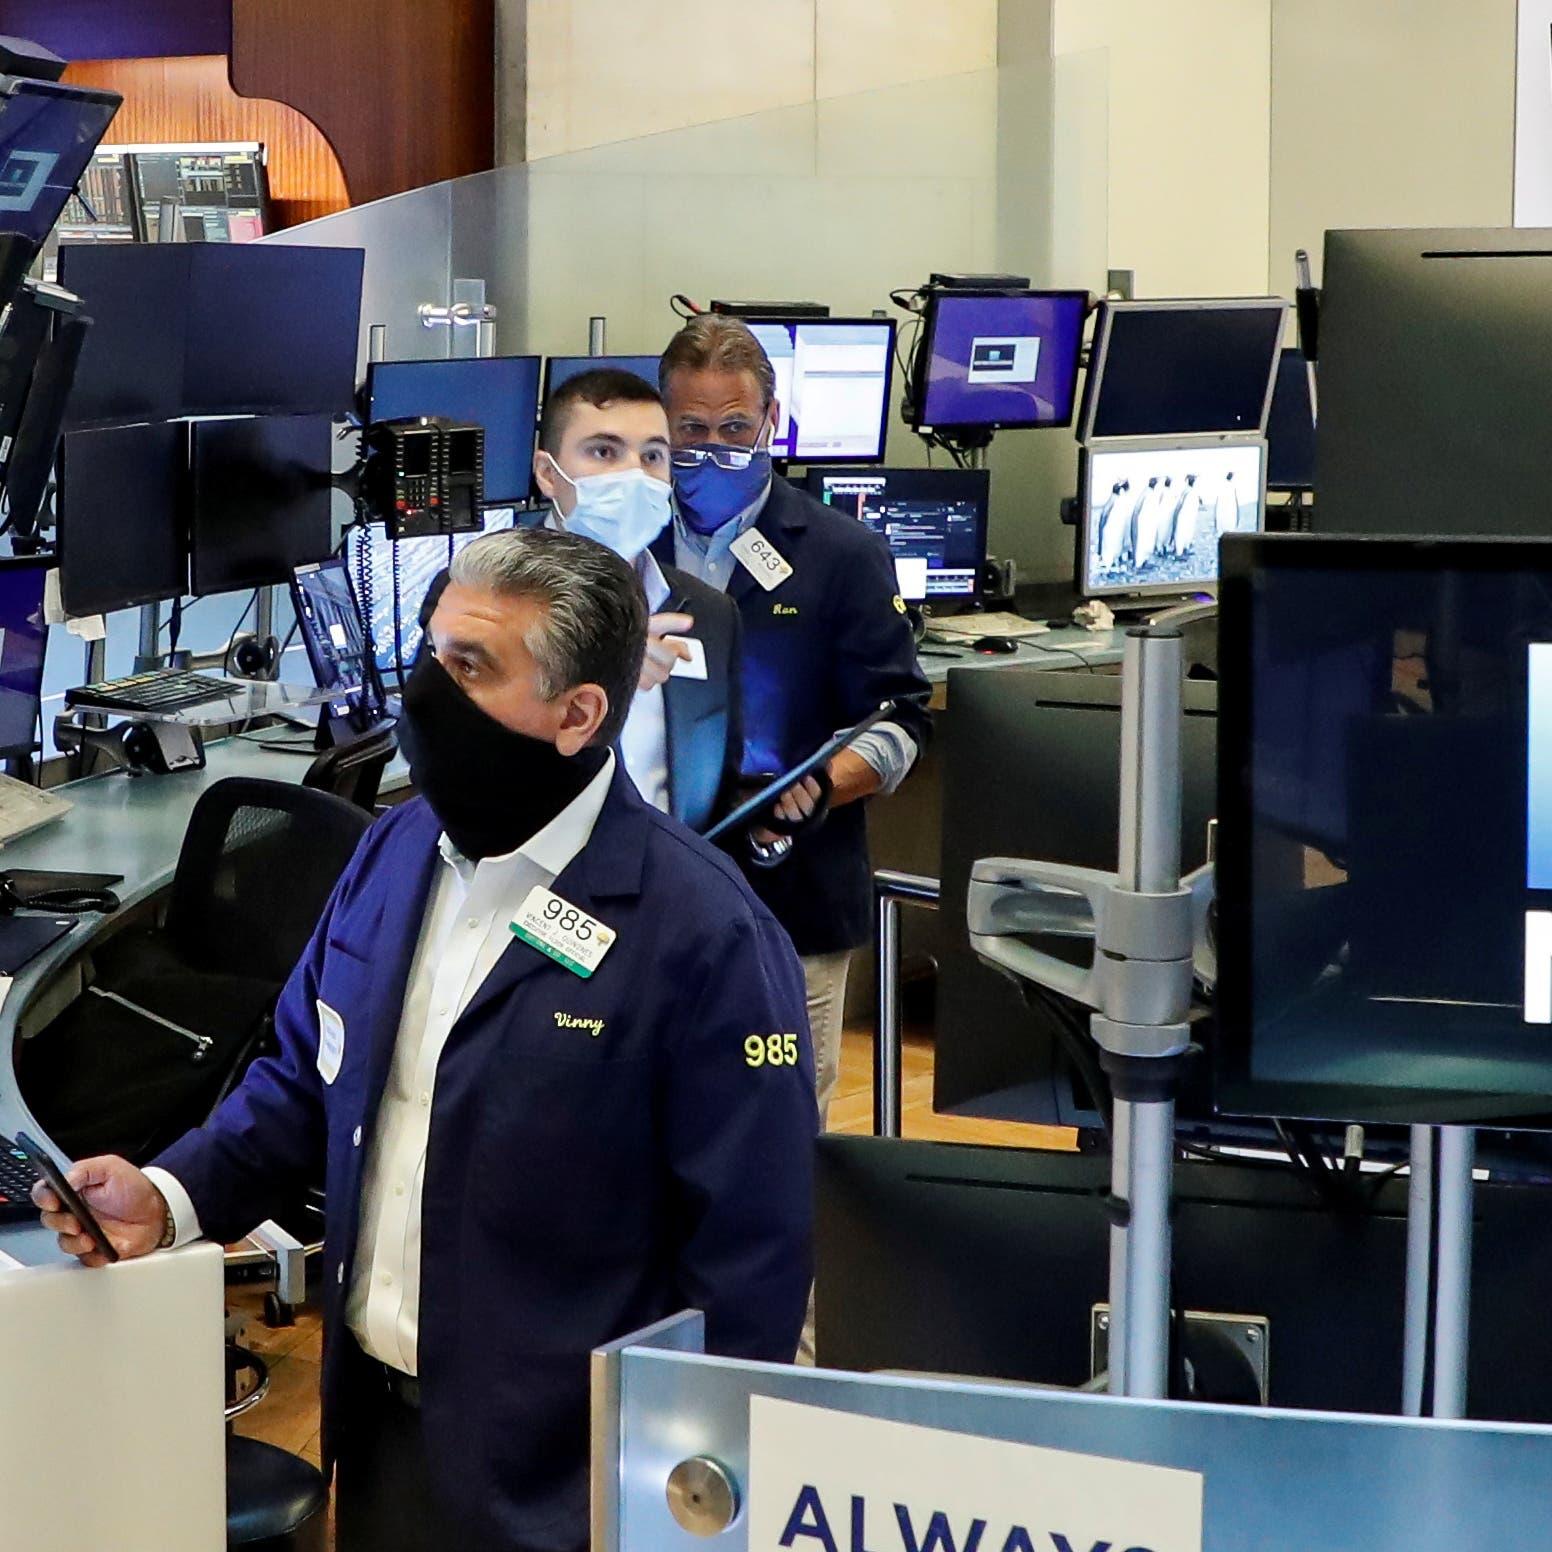 مؤشر الخوف عند مستويات متدنية... هل اقتربت موجة التصحيح في الأسواق؟